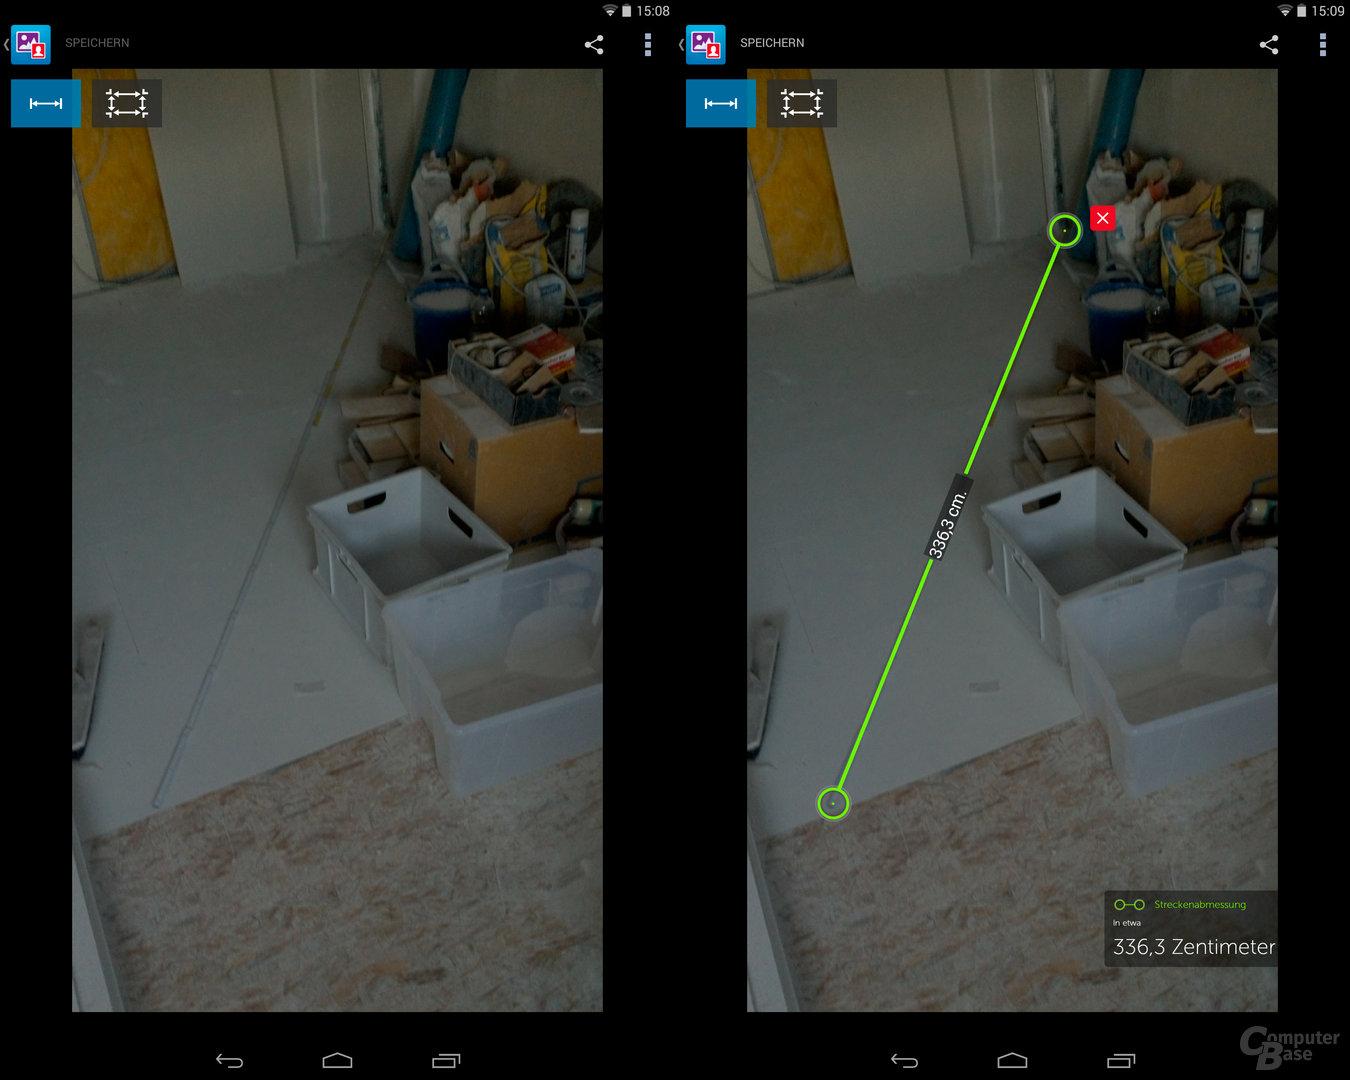 Intel-RealSense - Anderer Winkel, große Wirkung – 3,36 Meter statt 3,80 Meter